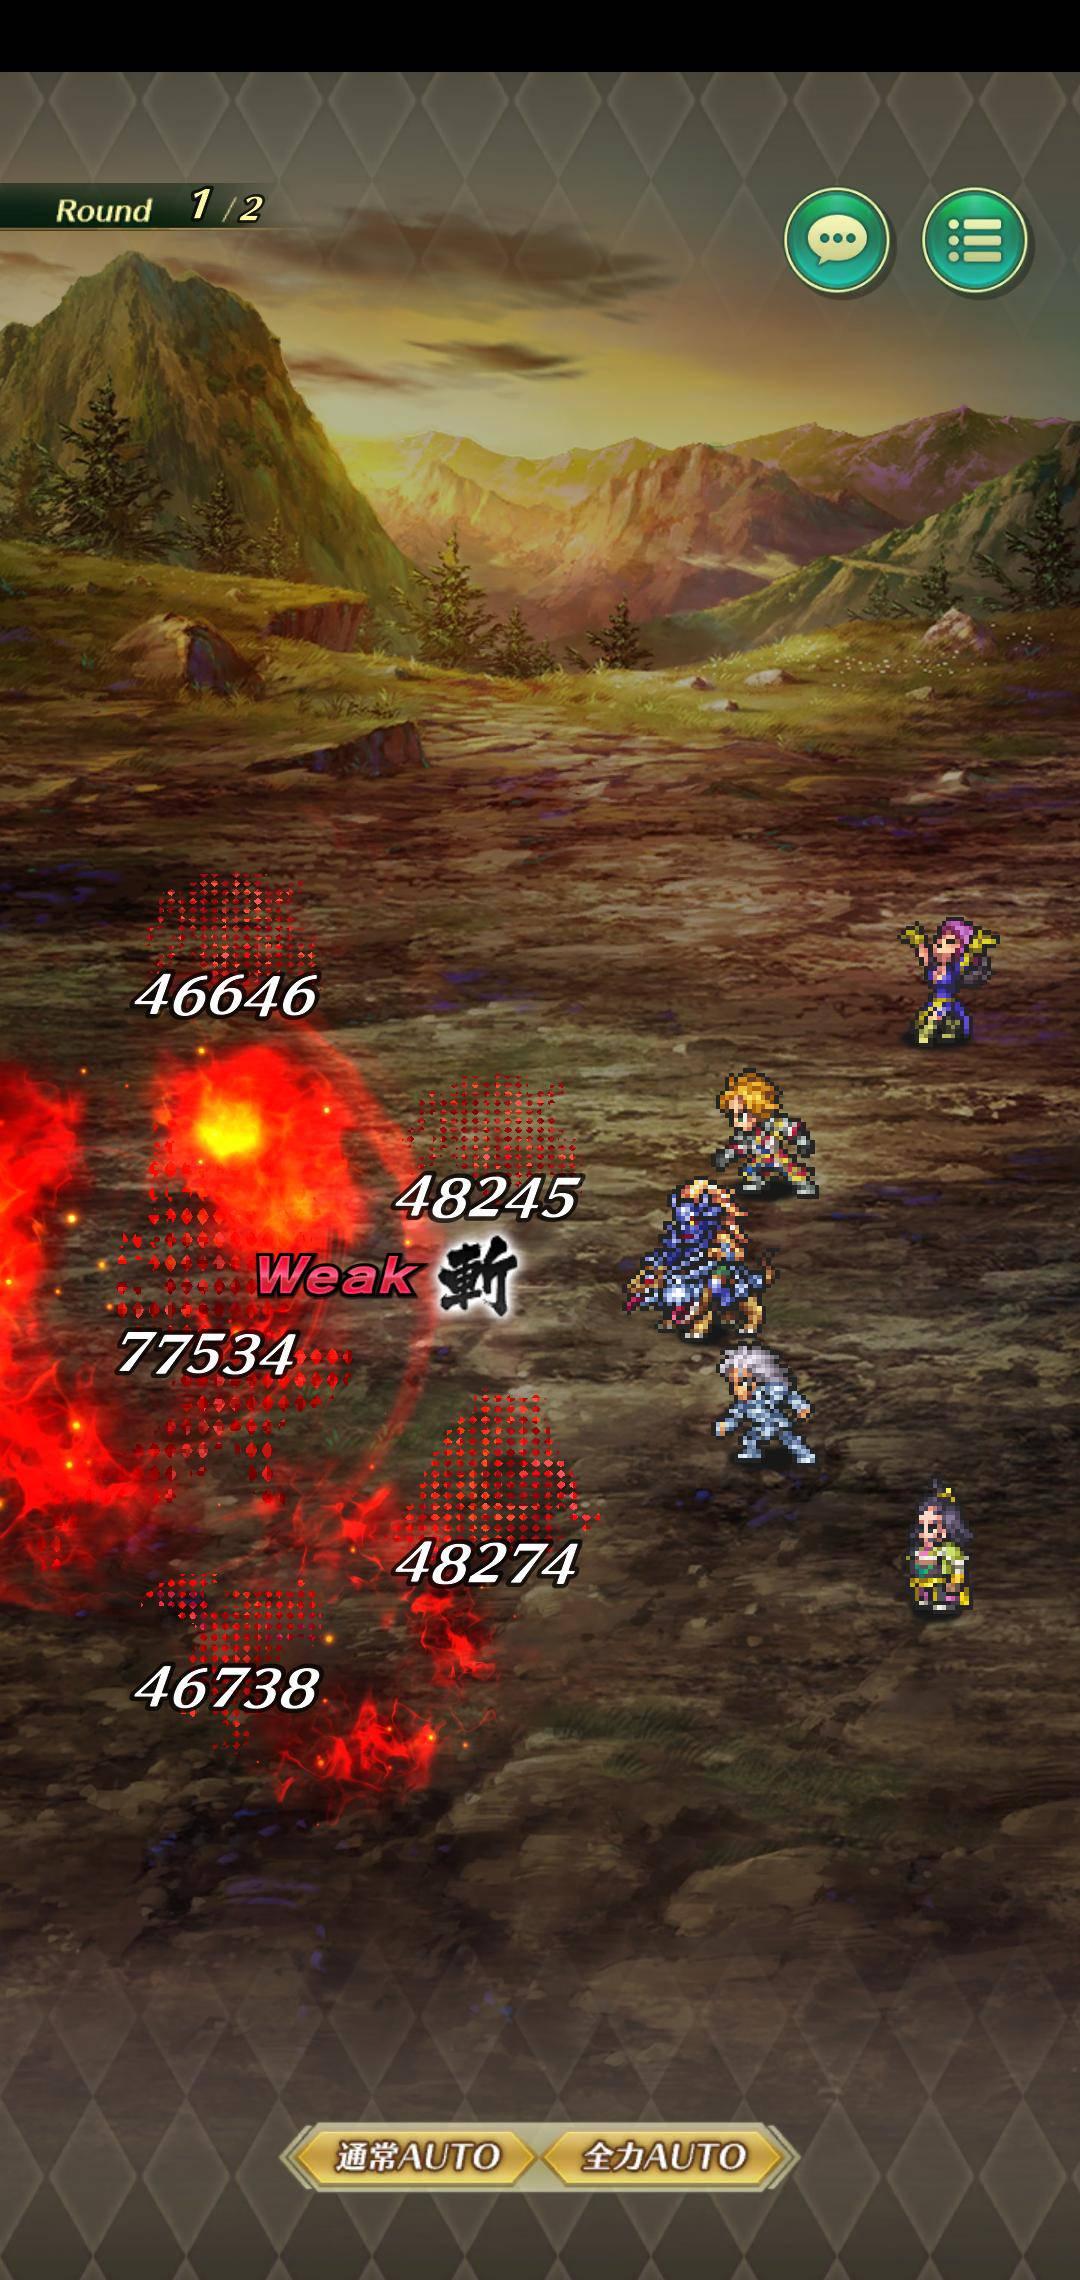 【ロマサガRS】アラケスの火力性能凄くないか?